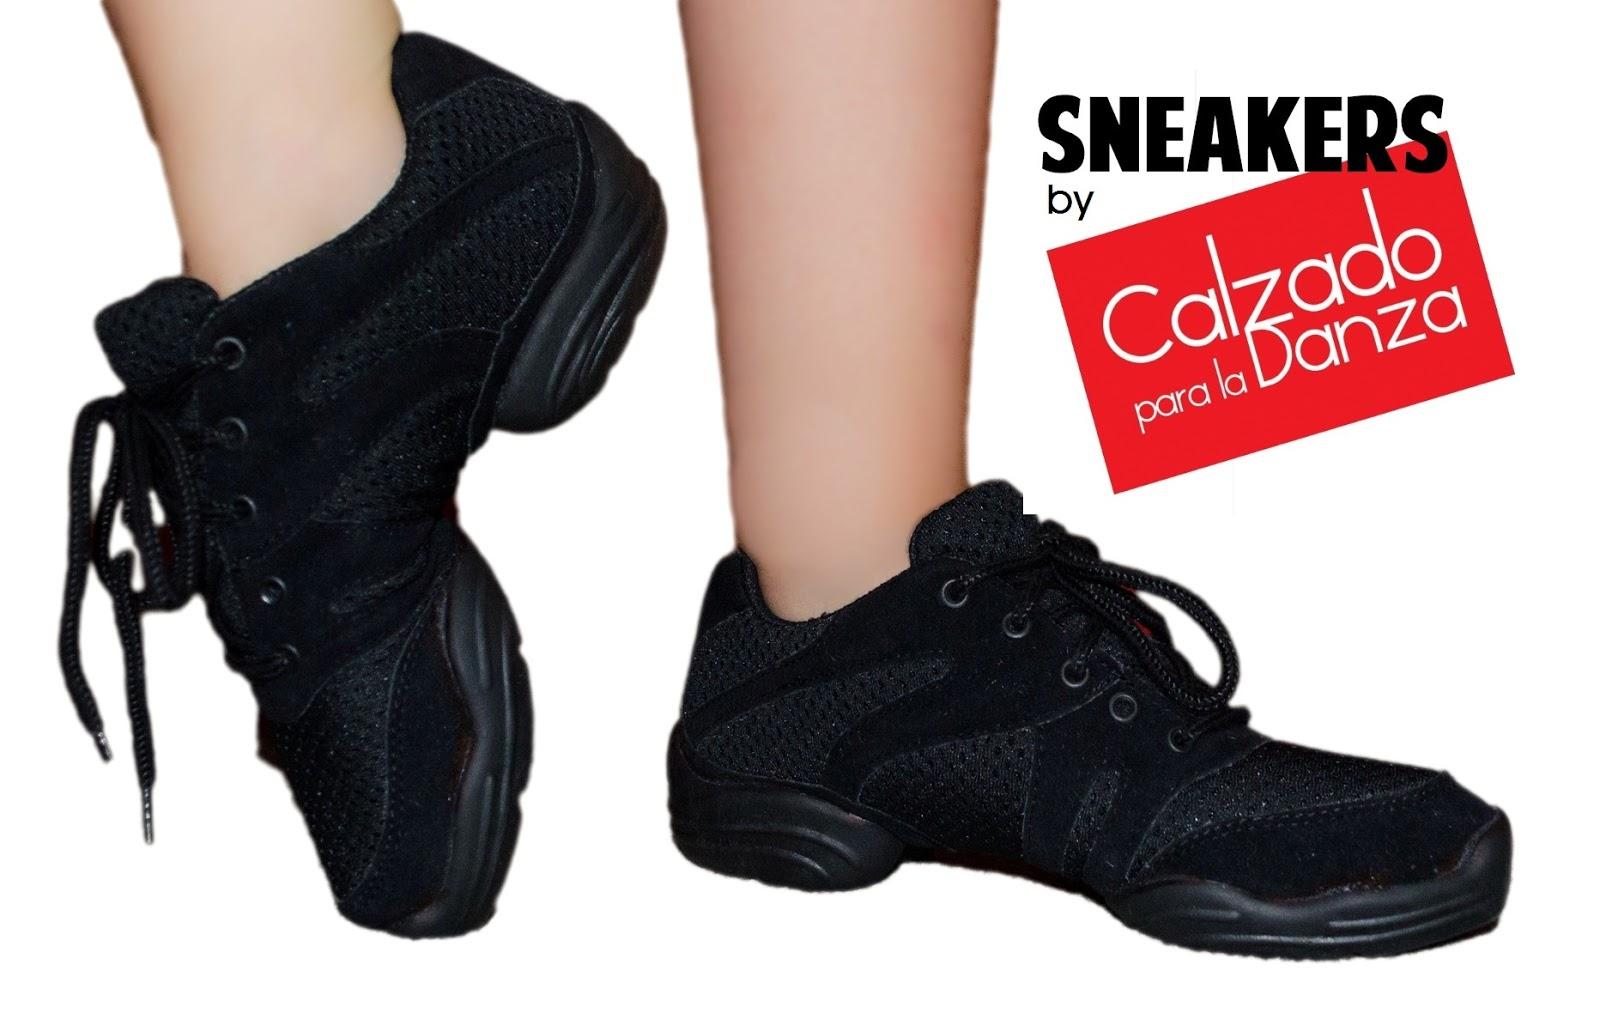 calzado para la danza